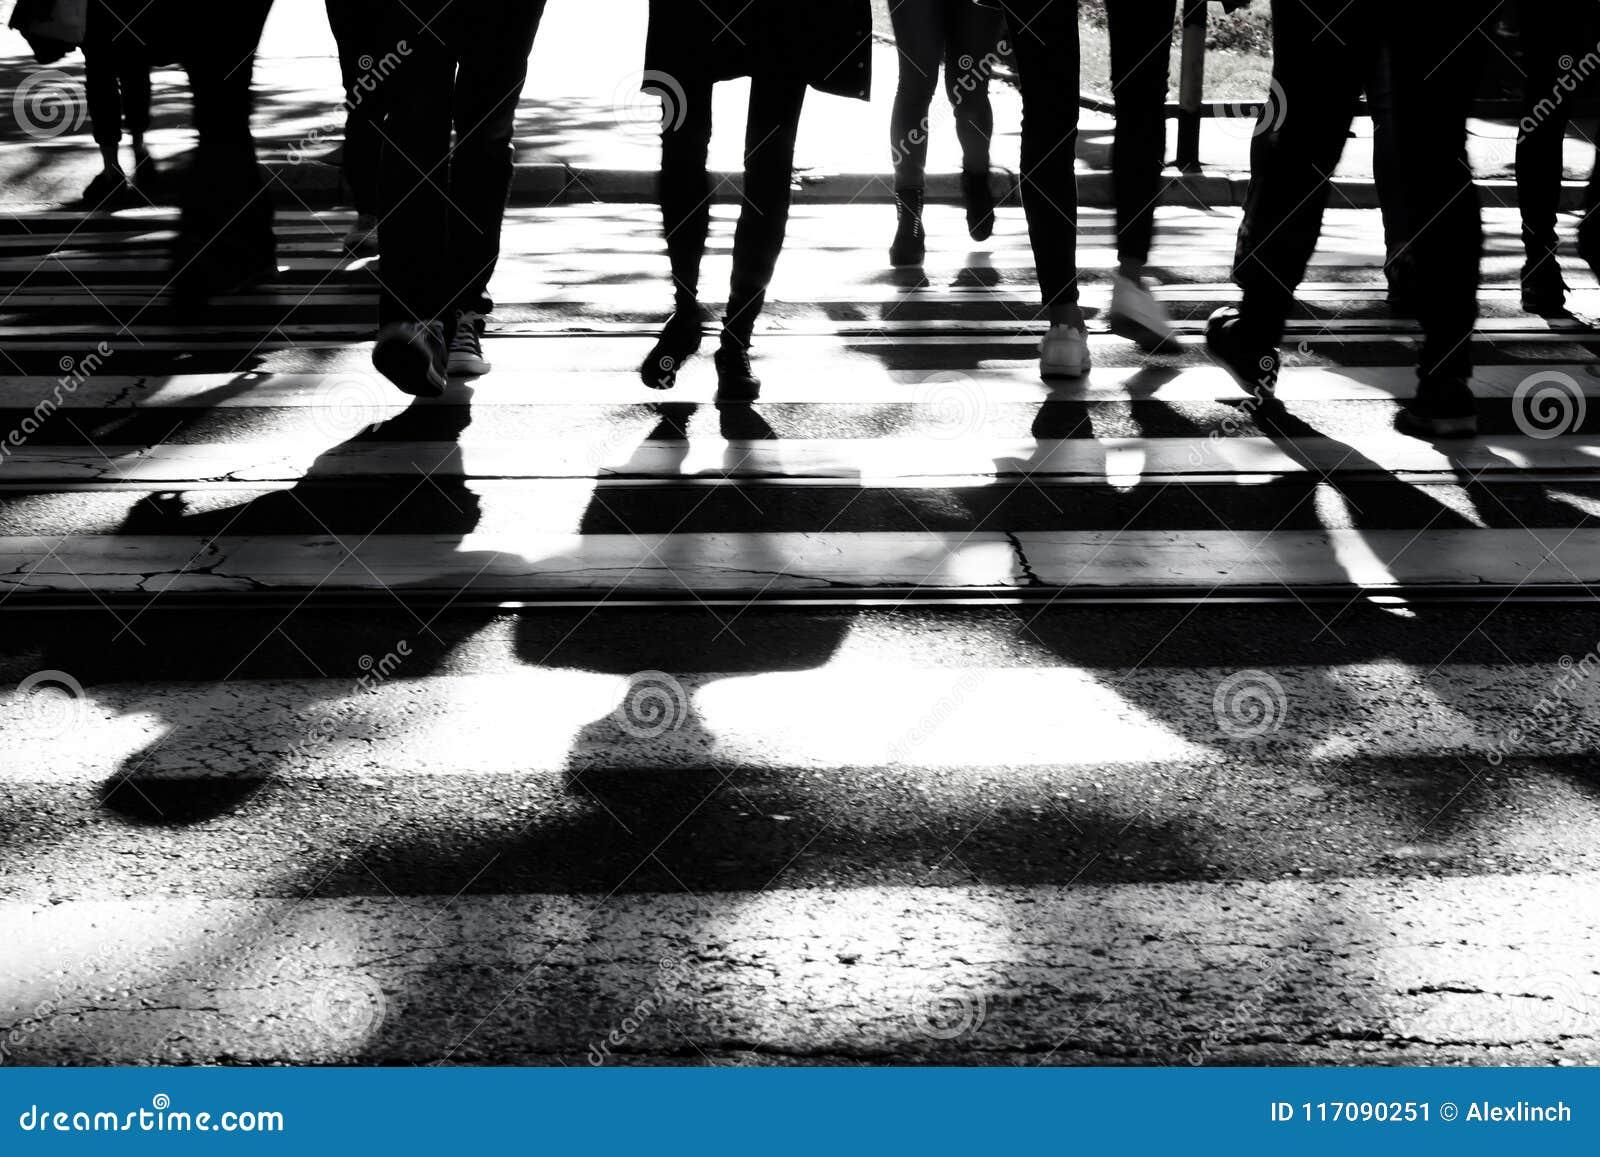 Sombras y siluetas borrosas de la gente en cruce